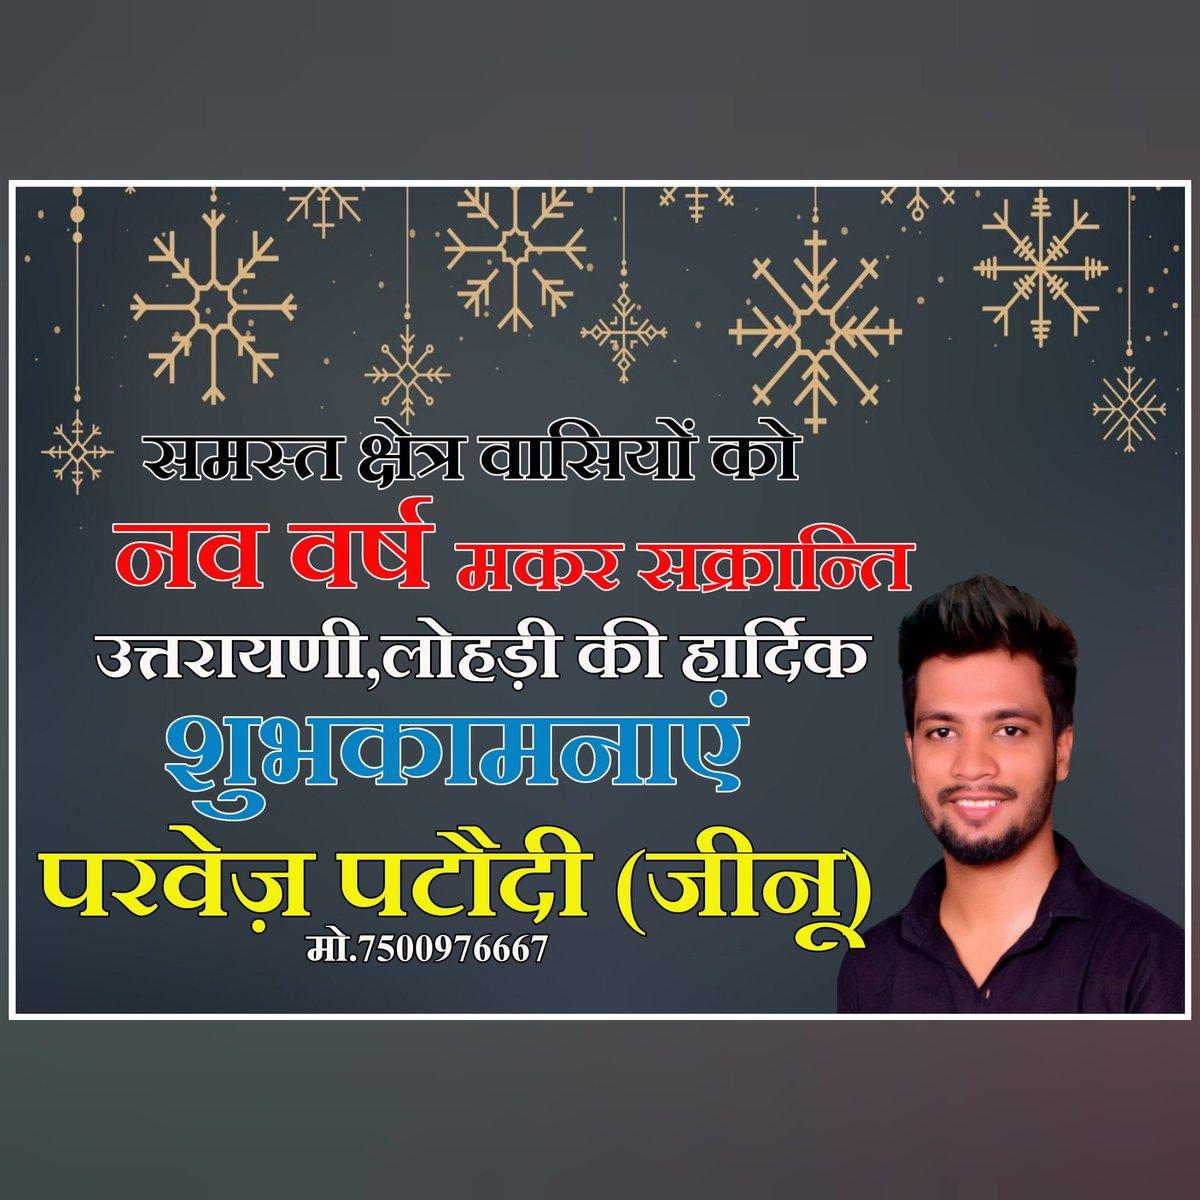 नव वर्ष की हार्दिक शुभकामनाएं!